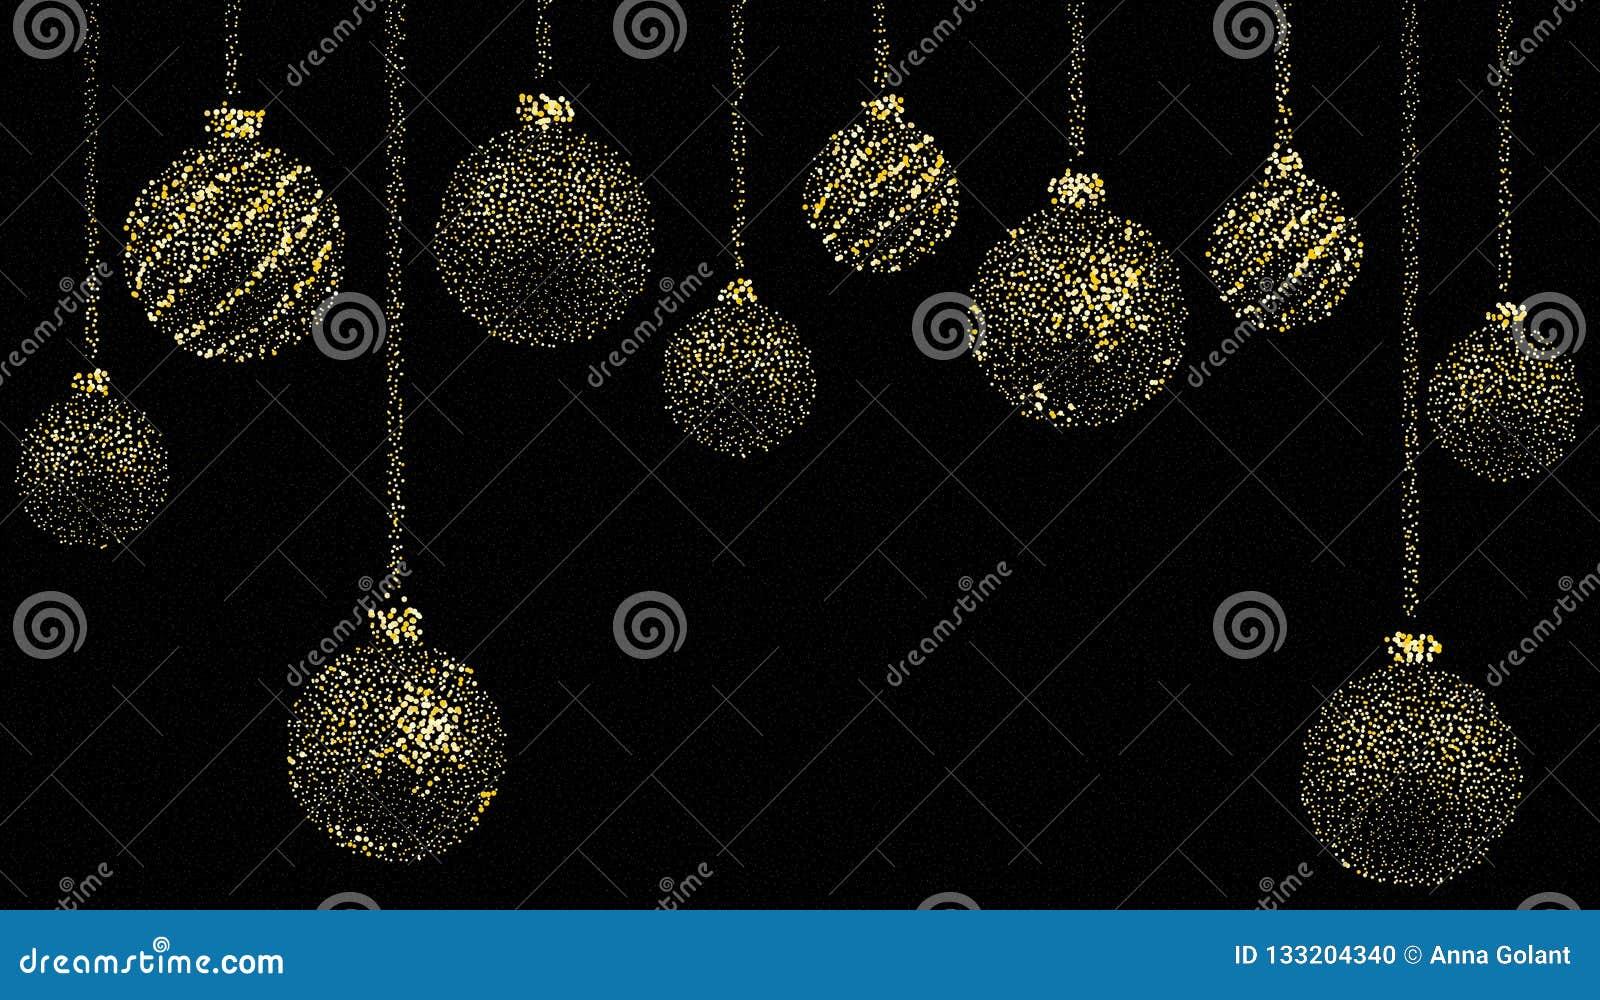 Ljuv jul, jultapet med bollar som bildas av guld- damm på en svart bakgrund också vektor för coreldrawillustration